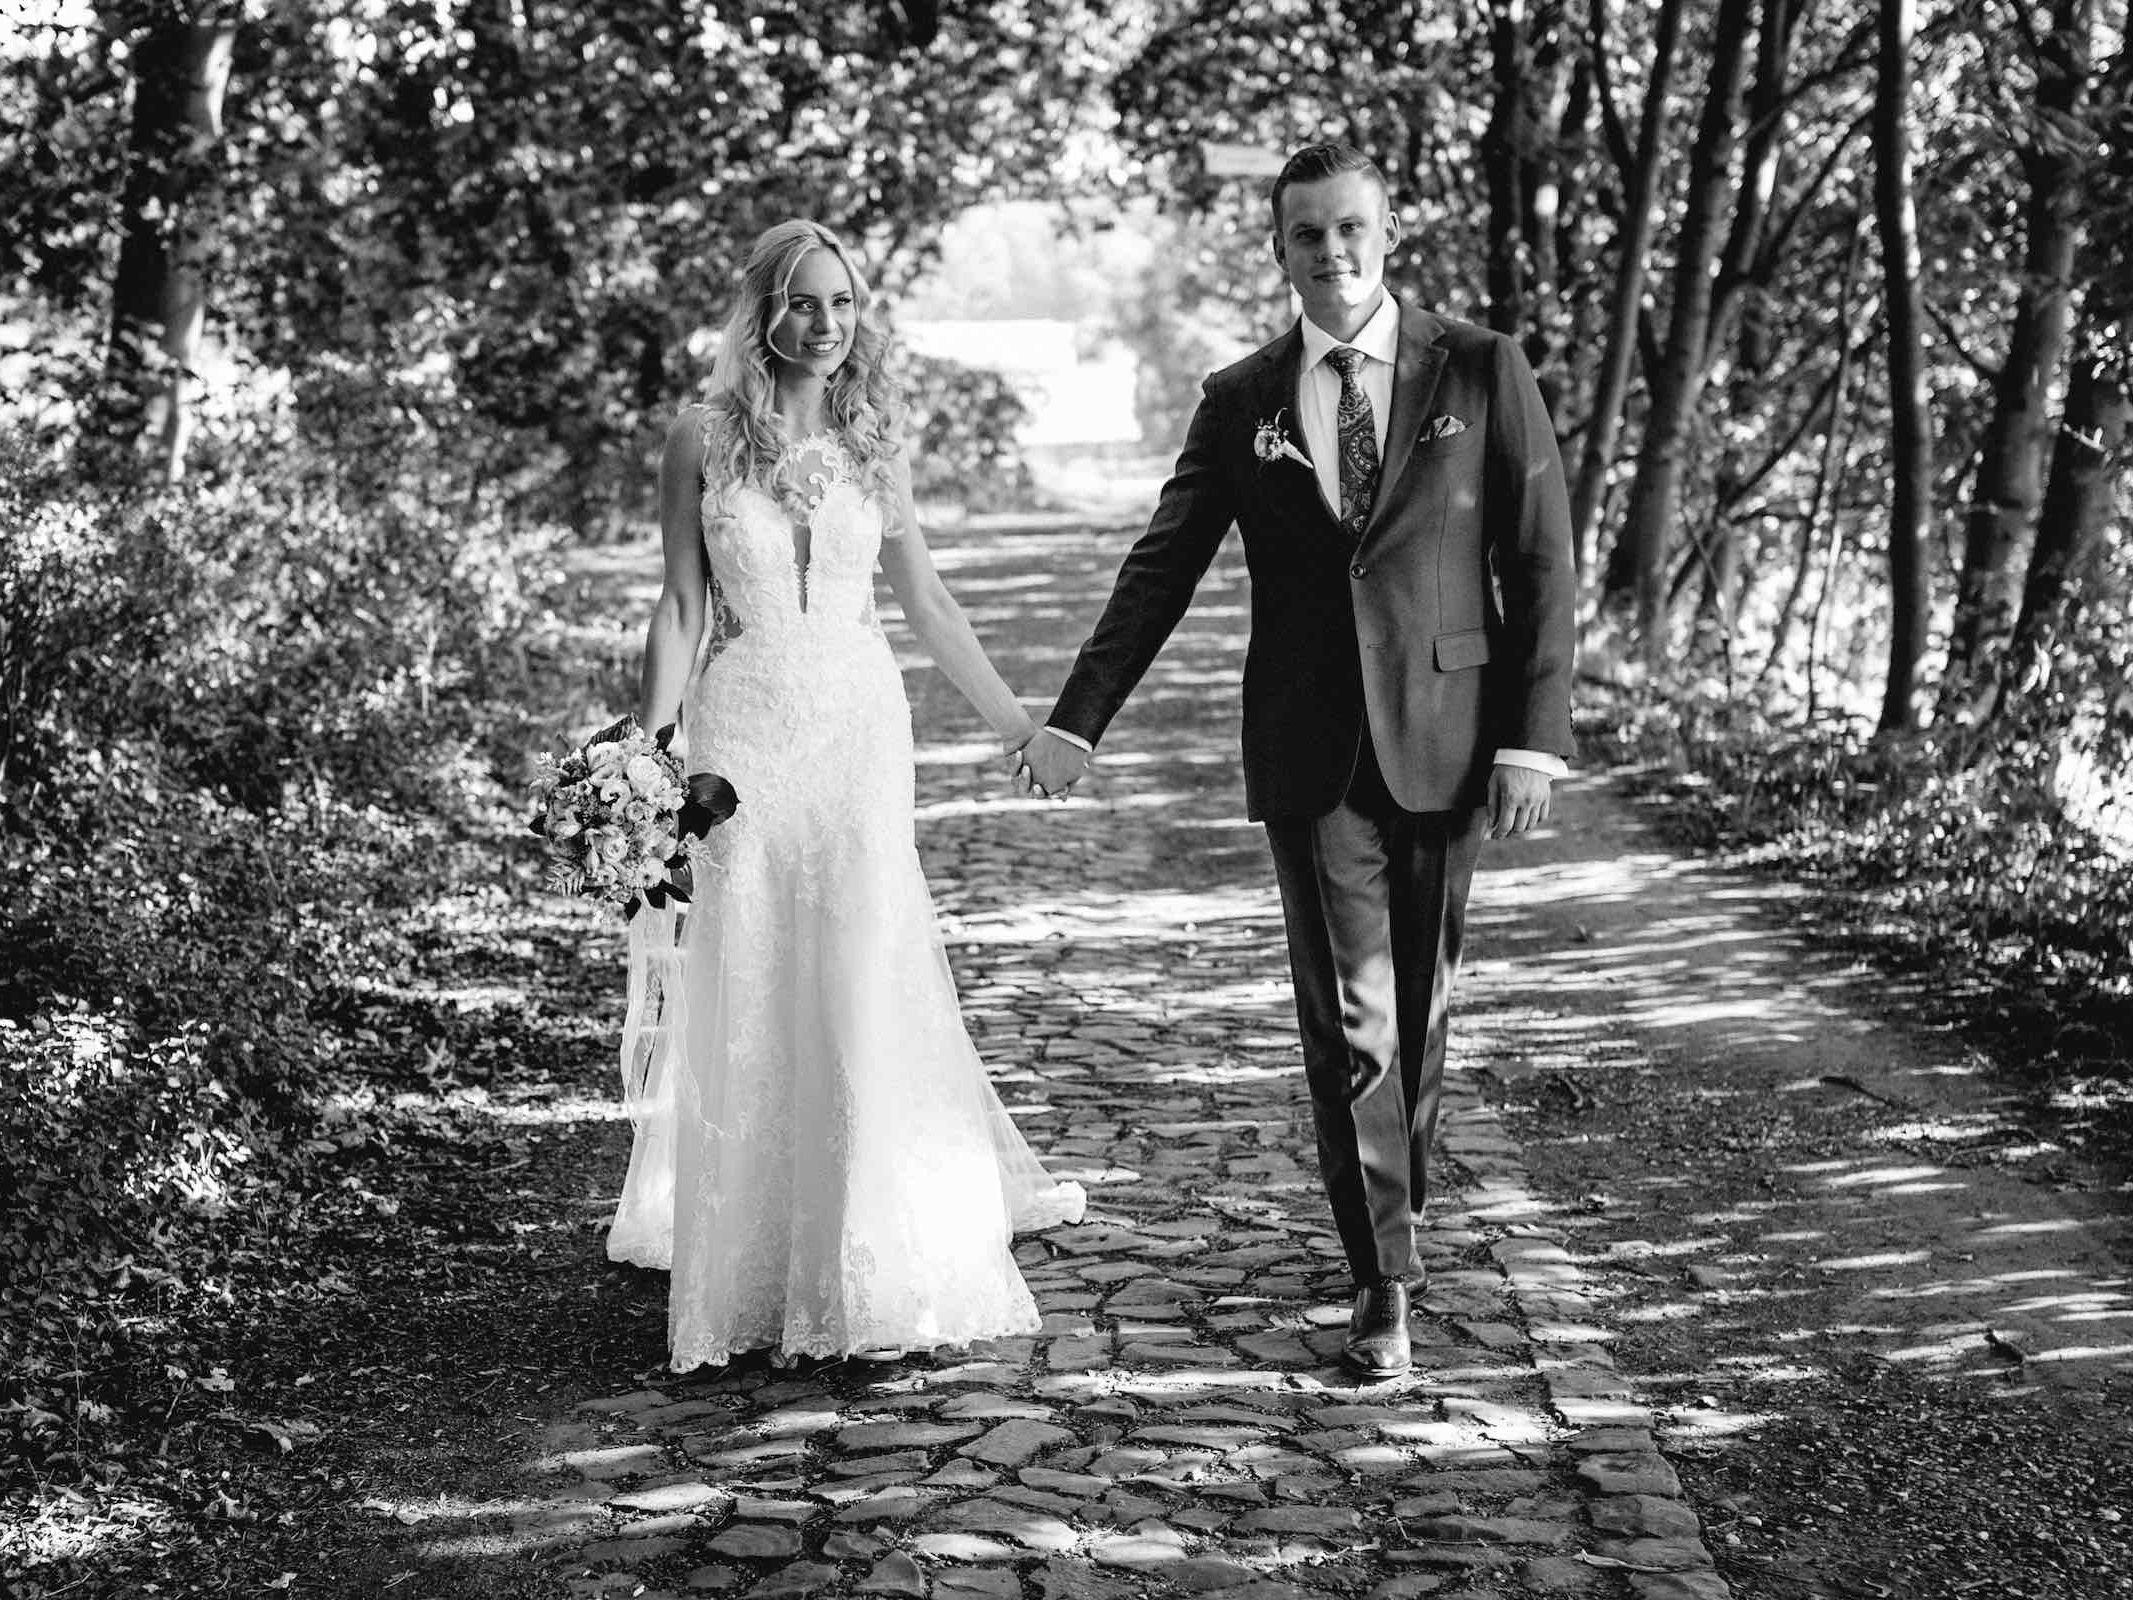 Berggasthaus | Niedersachsen | Hochzeit | Locations | Paarshooting | Fotograf | Referenz | Brautpaar | Fotograf | Hochzeit | Hameln | Hildesheim | Braunschweig | Referenz | Lehmann | Eventservice